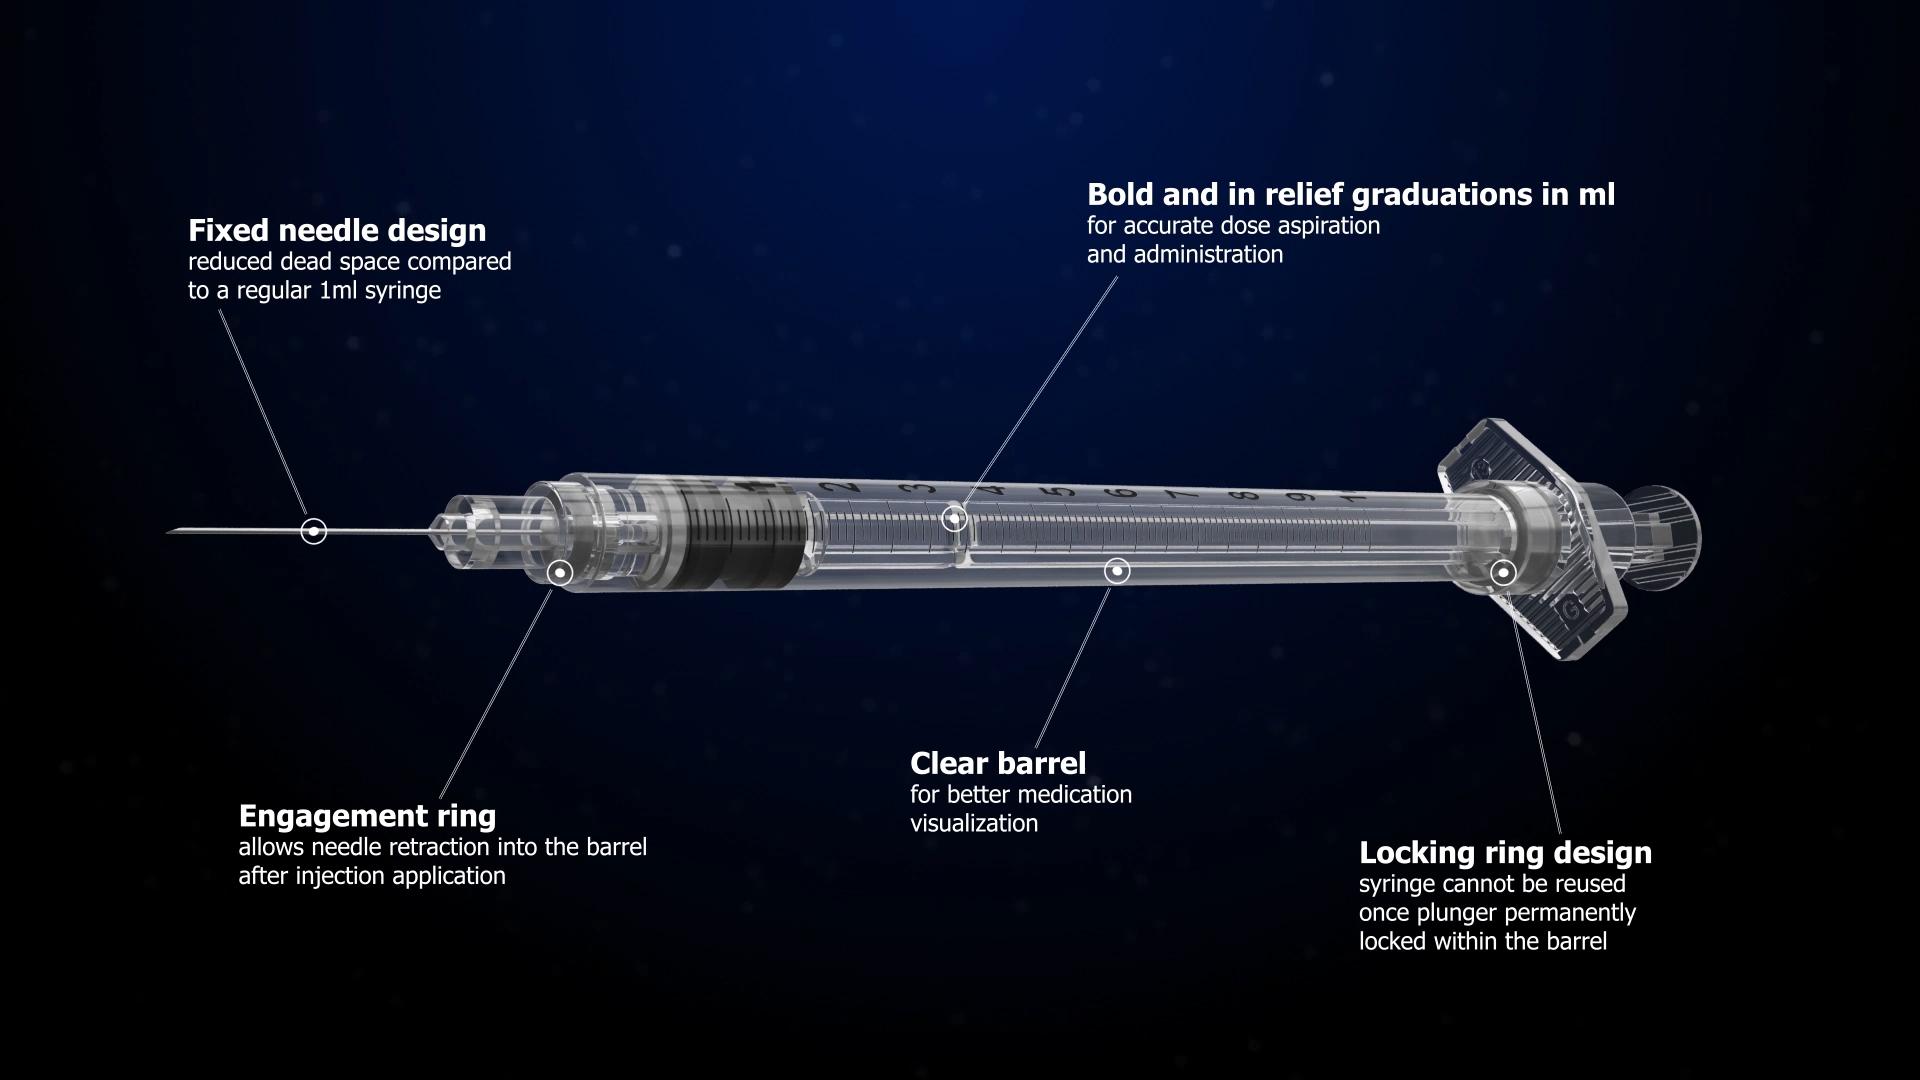 sol-millennium-syringe-explainer